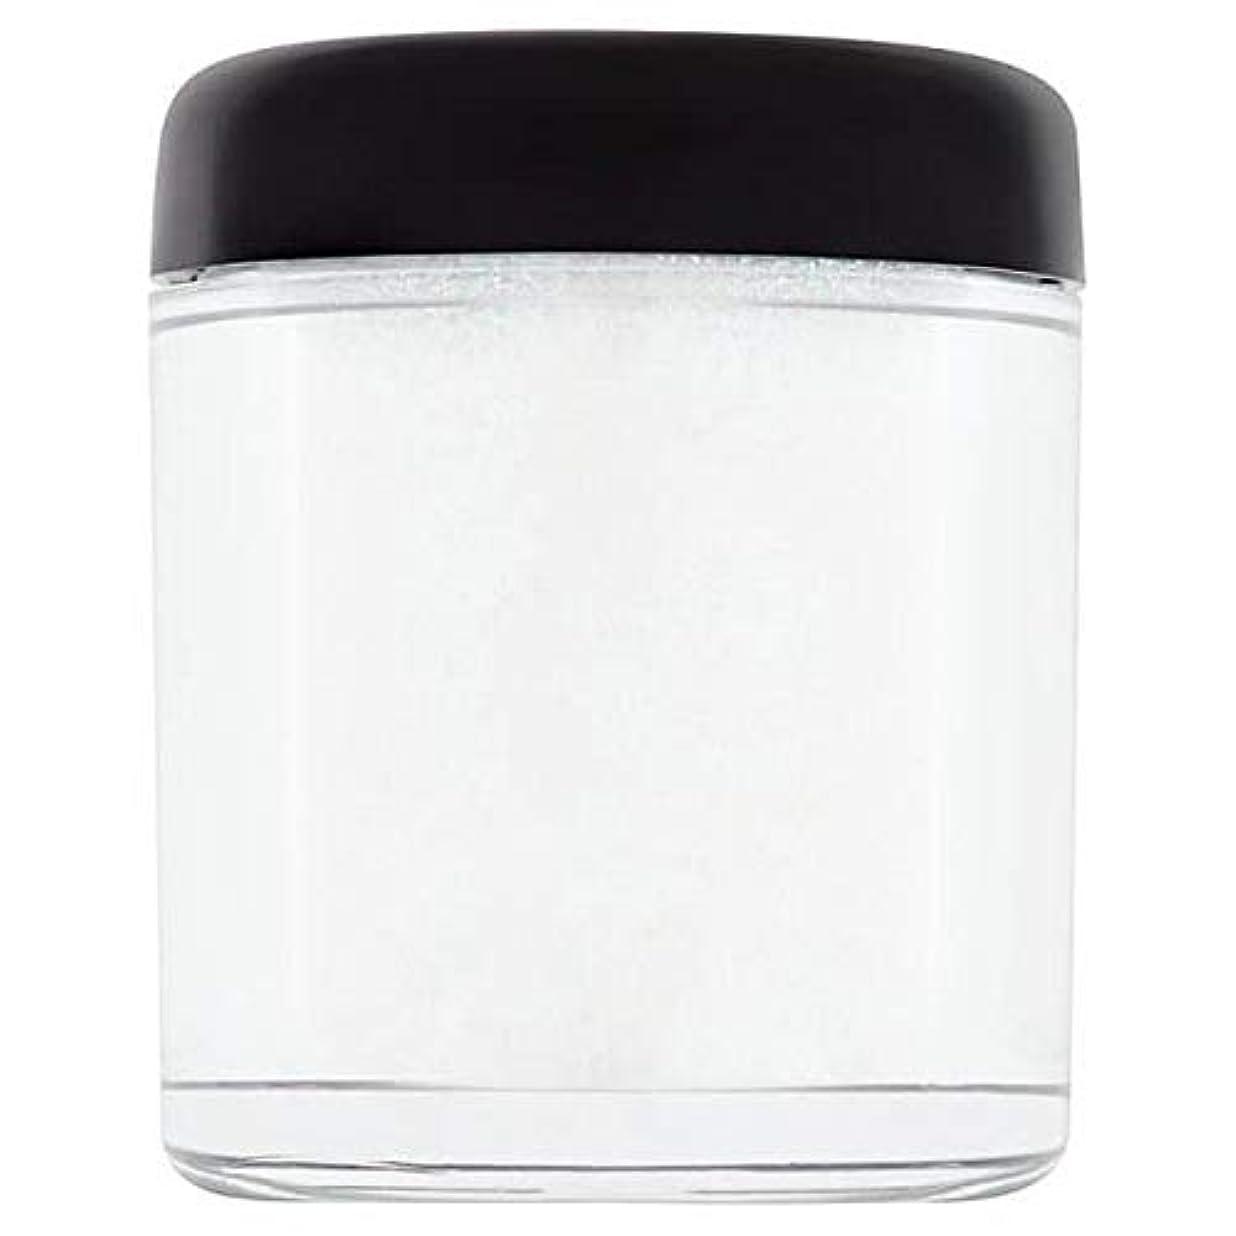 背景堂々たるその結果[Collection ] 収集グラムの結晶がフェイス&ボディの輝きユニコーンの涙1 - Collection Glam Crystals Face & Body Glitter Unicorn Tears 1 [並行輸入品]